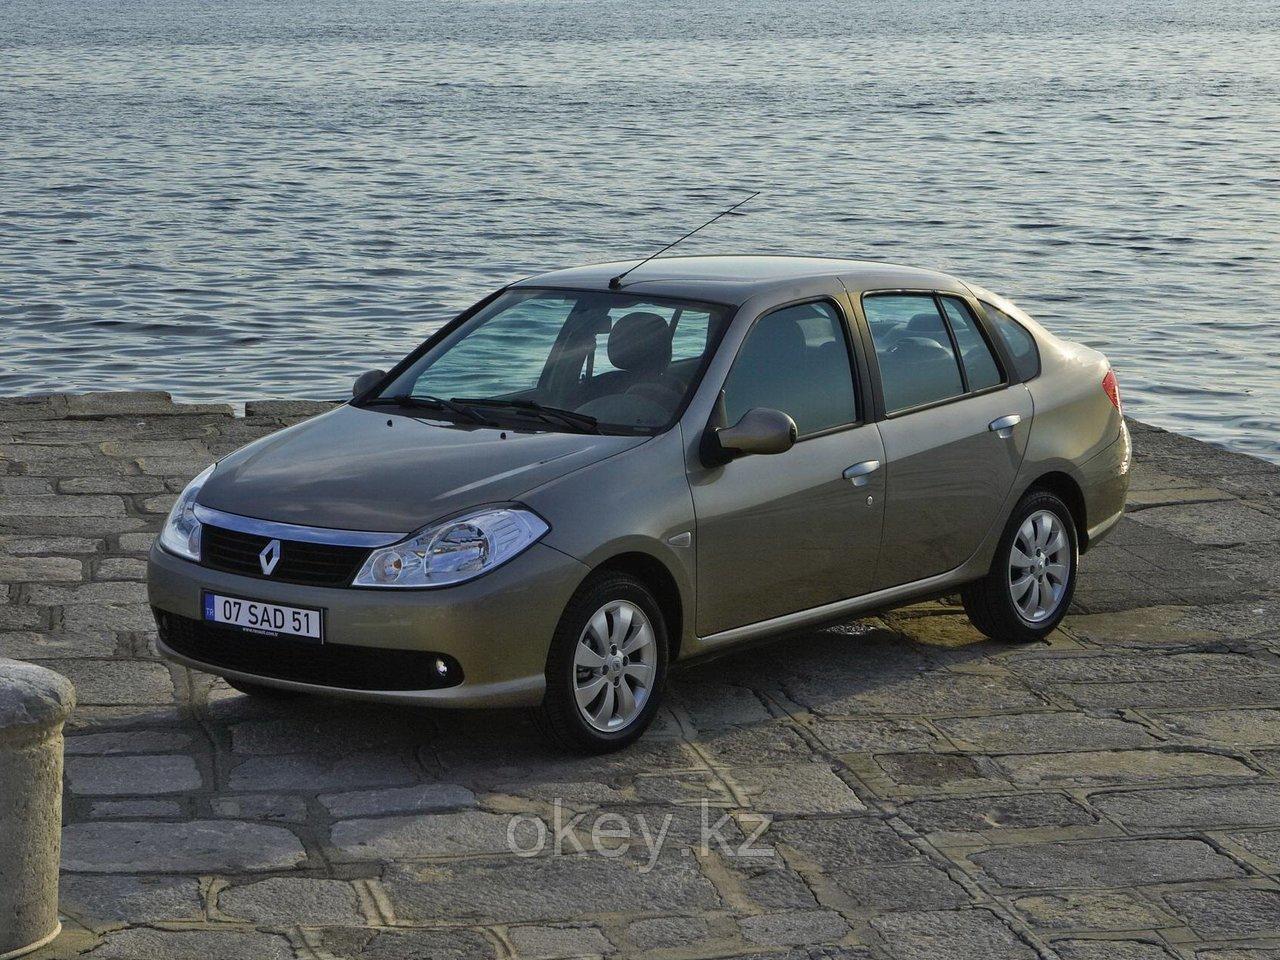 Тормозные колодки Kötl 400KT для Renault Symbol II (LU1/2_) 1.6 16V (LU1A, LU1B, LU1D, LU2M), 2009-2012 года выпуска.